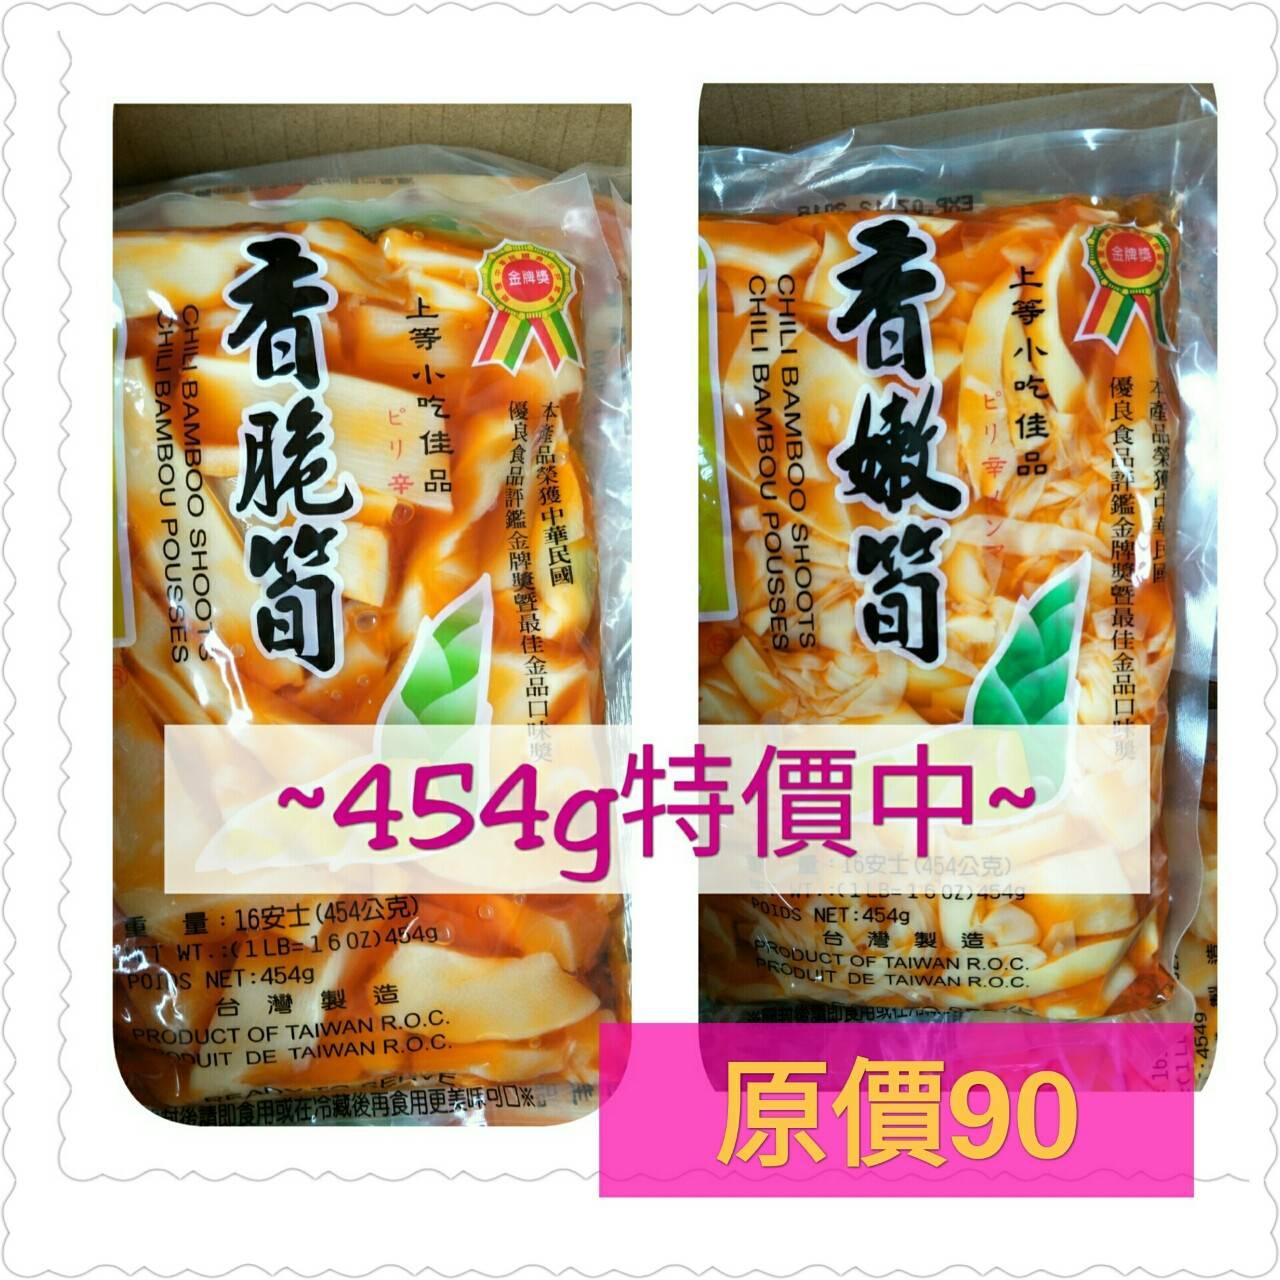 限量 超大特價~香筍~香嫩筍 香筍 🉑素食 454g 65元/包 (另售香脆筍)